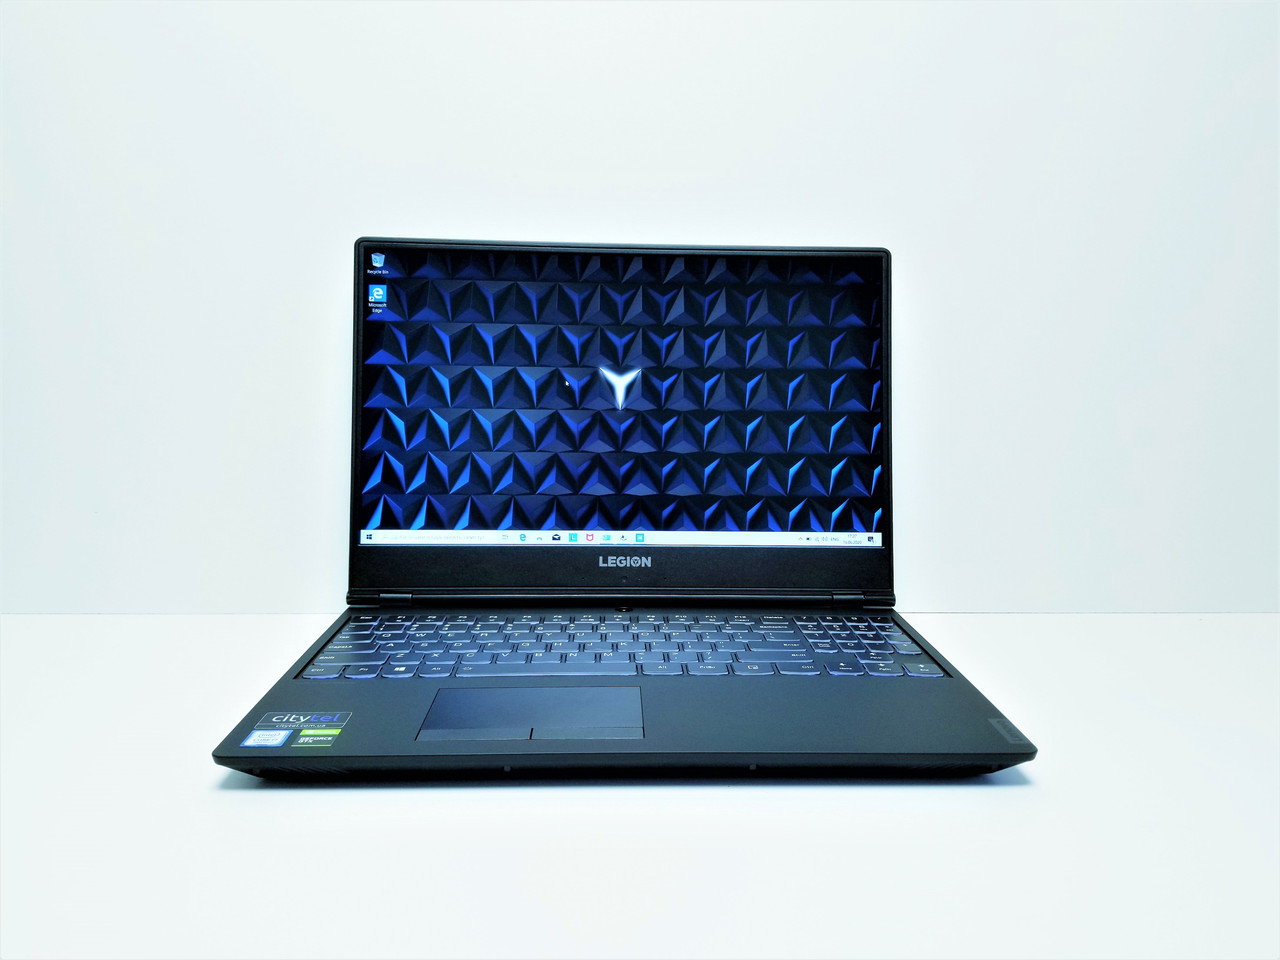 НОВИЙ Ігровий ноутбук 2020 Lenovo Legion Y540-IRH FullHD IPS 144Hz i7-9750H 16GbSSD256GB NVIDIA GTX1660 Ti 6GB